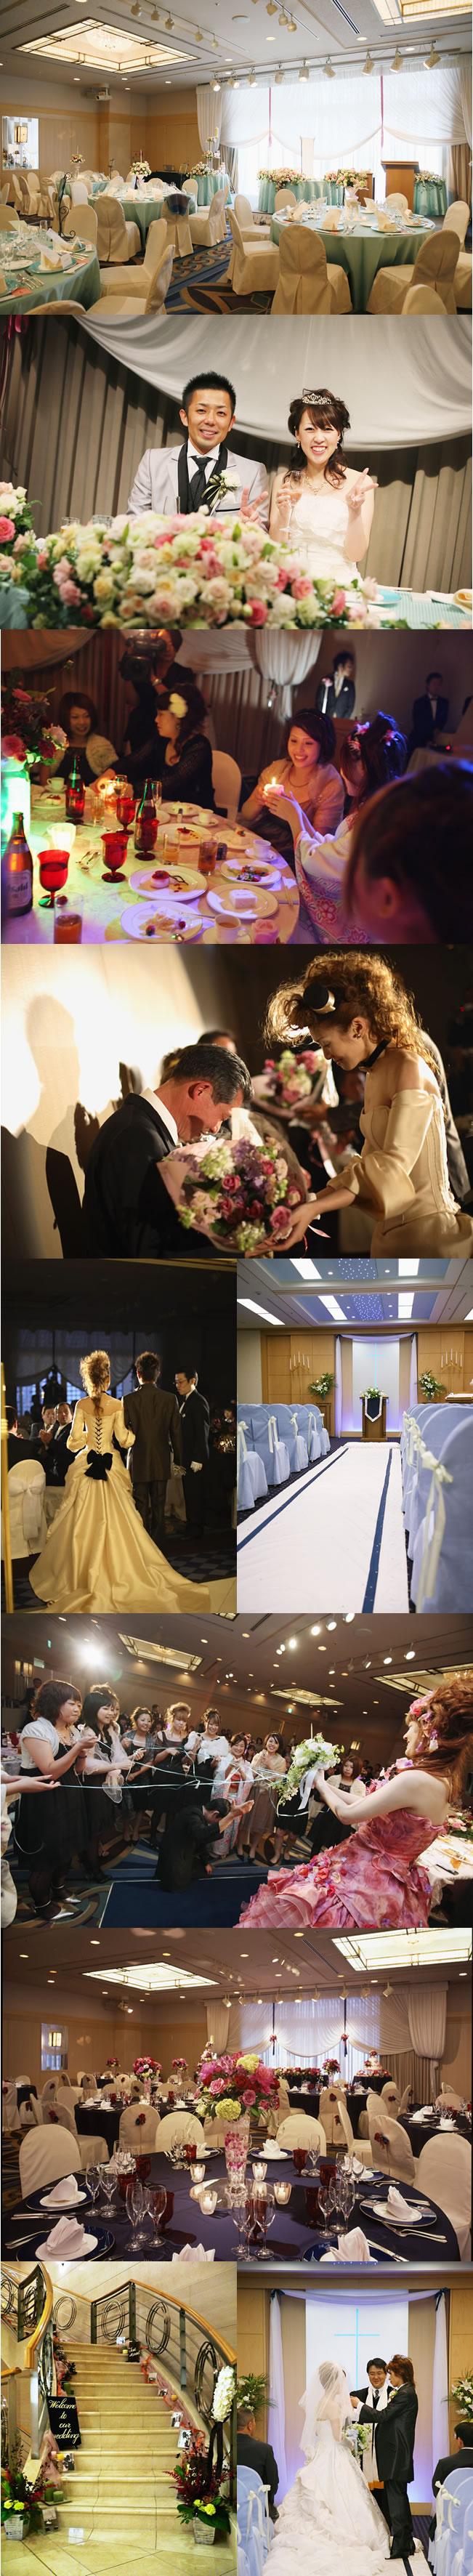 ホテルJALシティ松山フォトギャラリー